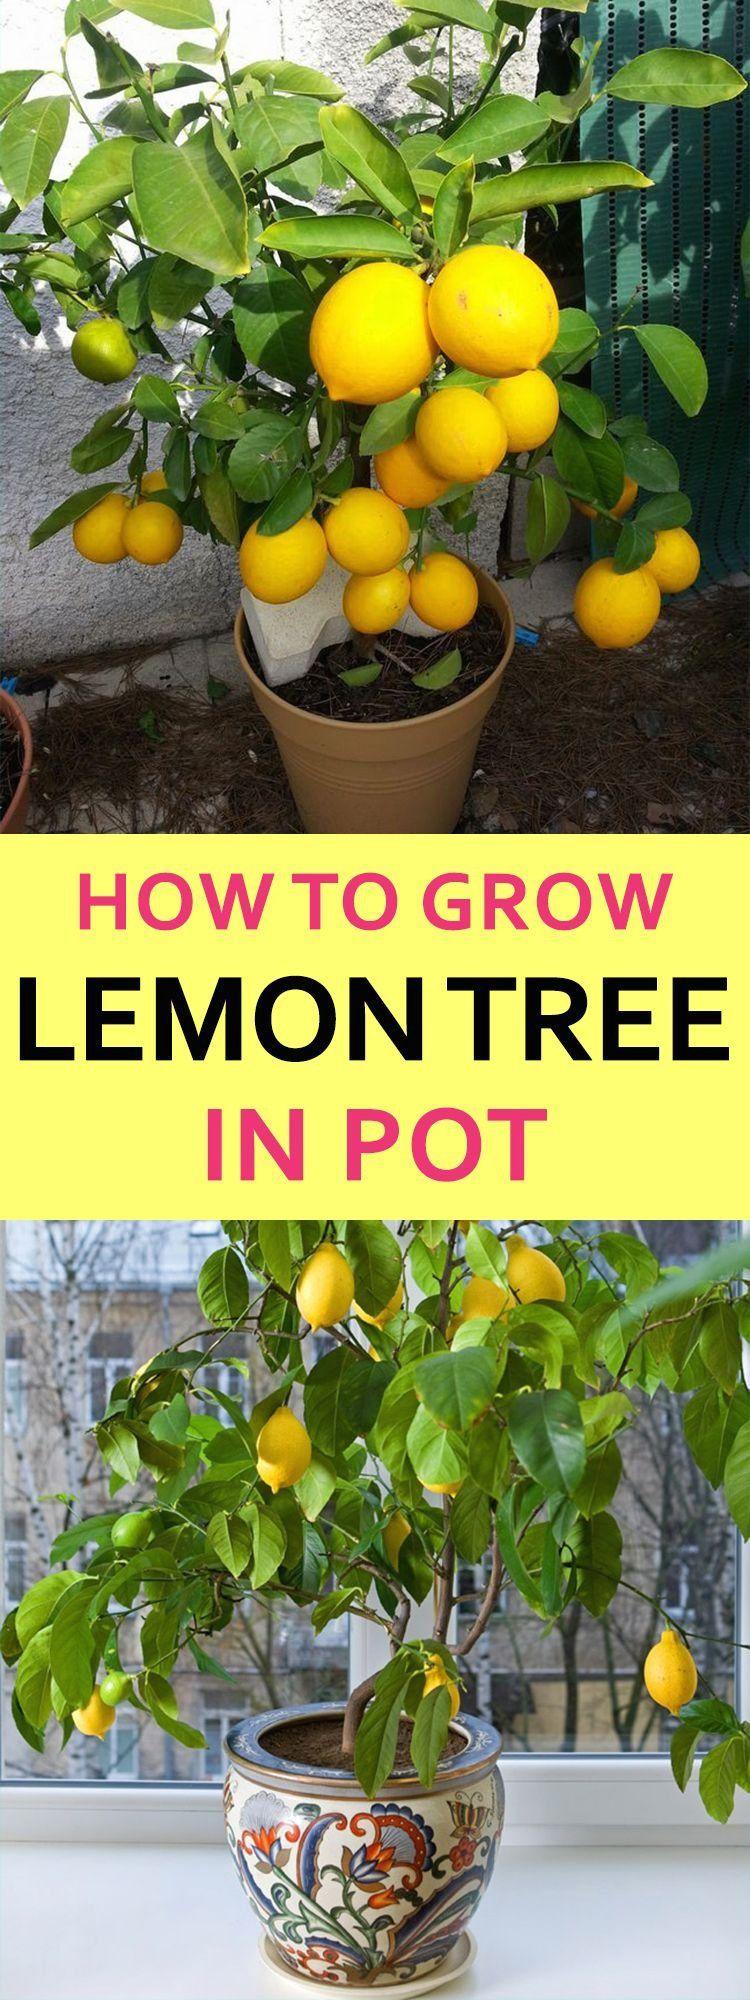 How Lemon Trees Make You A Better Garden Lover 1000 Lemon Tree From Seed How To Grow Lemon Lemon Tree